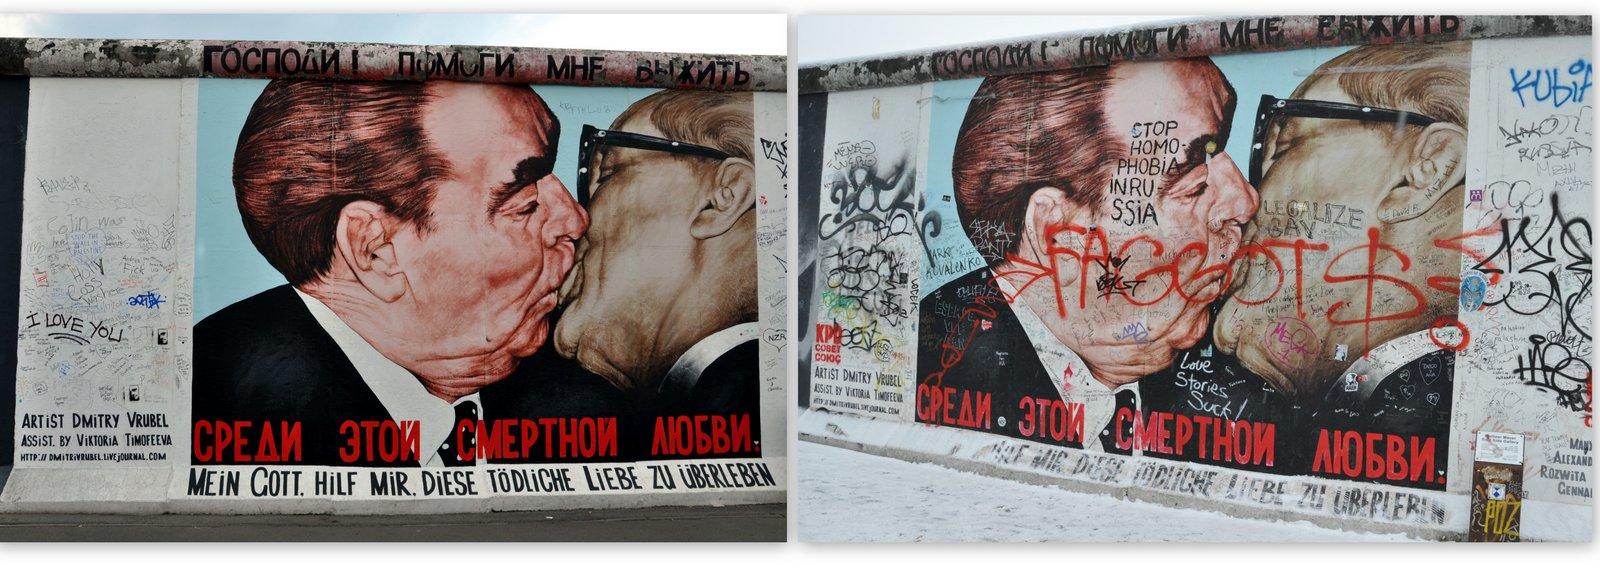 De 2010 à 2014... Le Baiser de l'amitié sur la East Side Gallery à Berlin